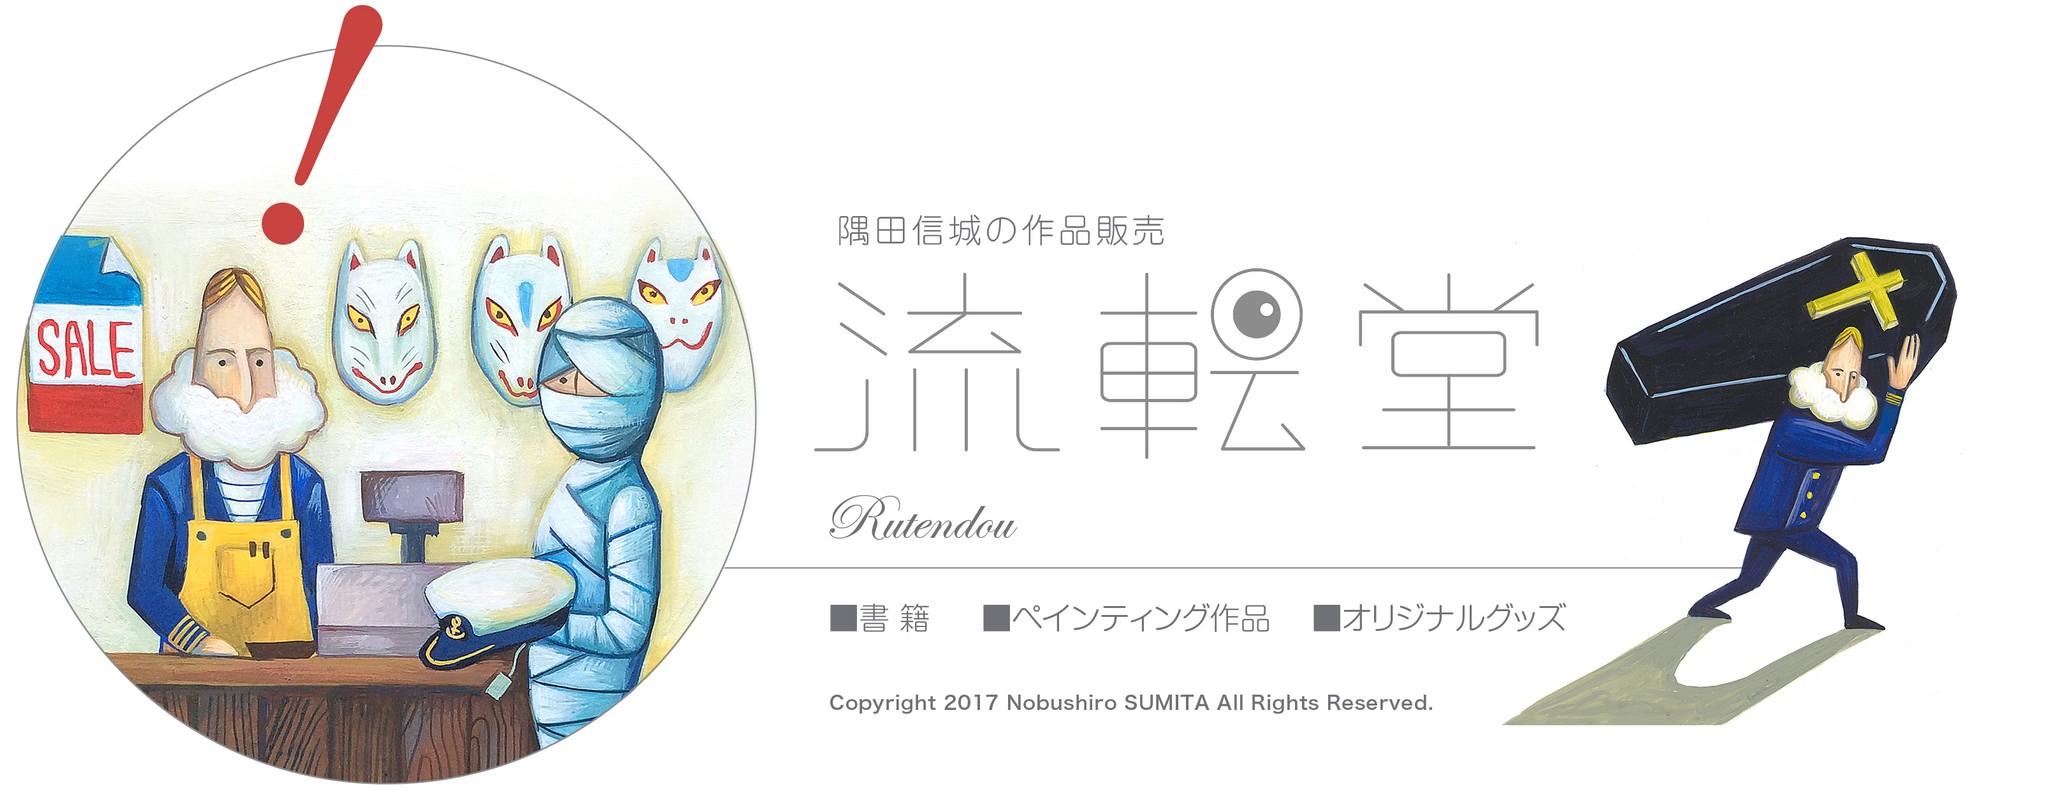 隅田信城の作品販売「流転堂」